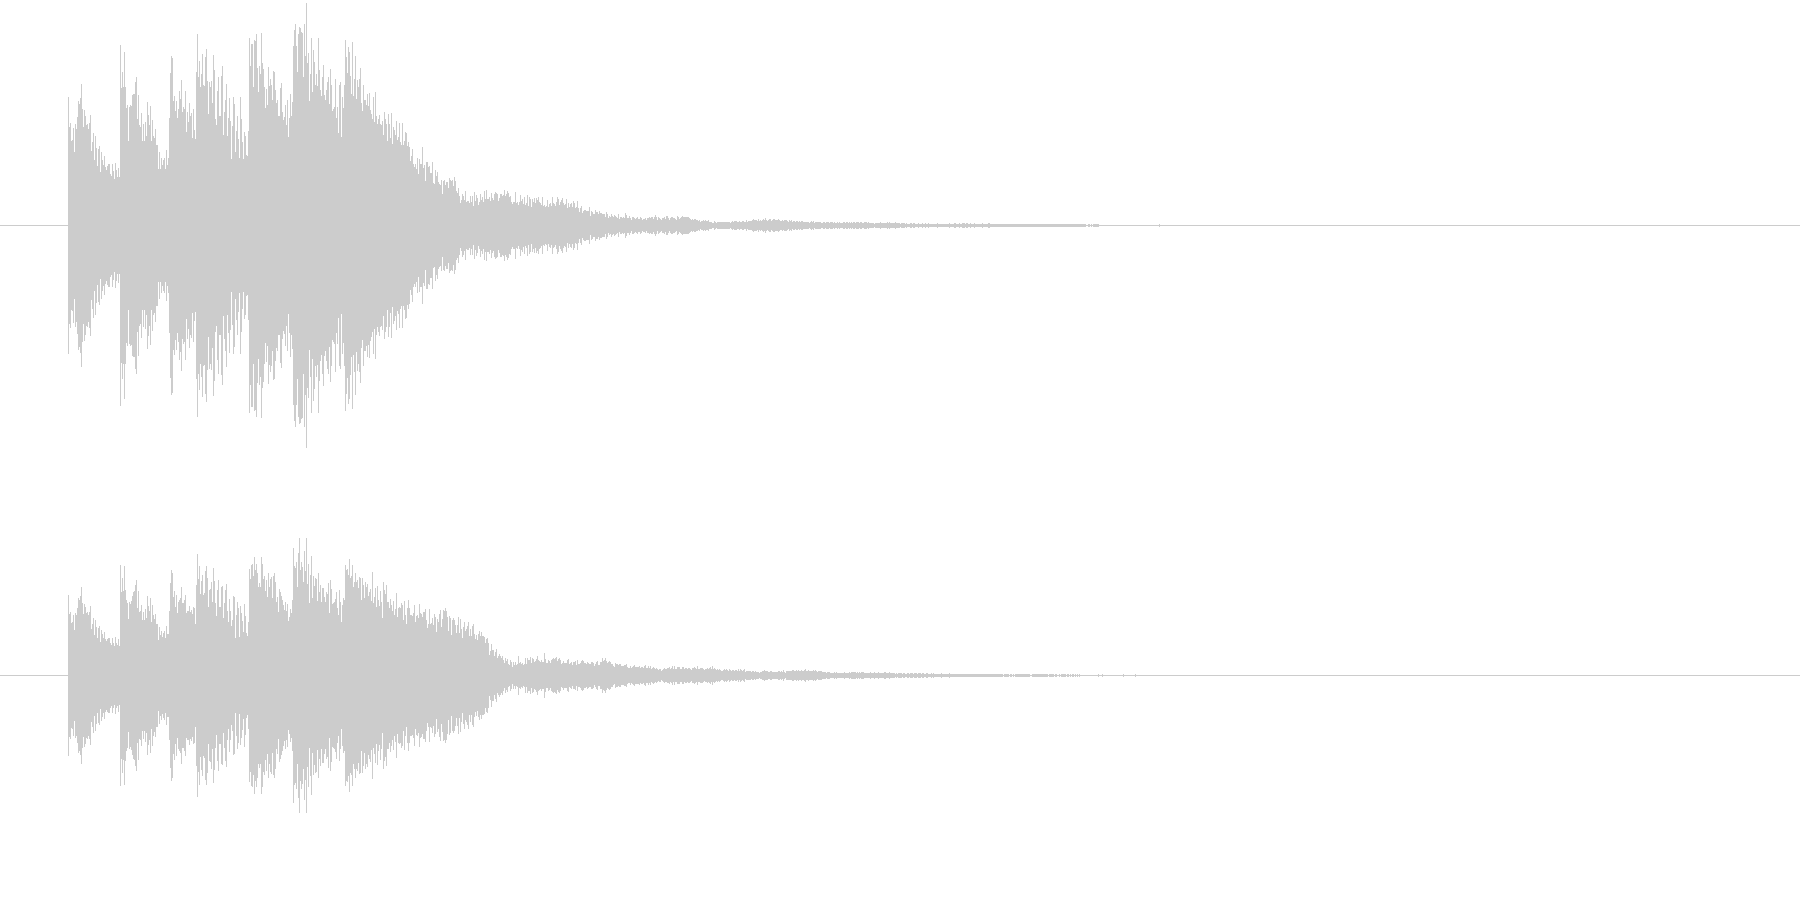 キラリン キラキラ 星 グロッケンの未再生の波形